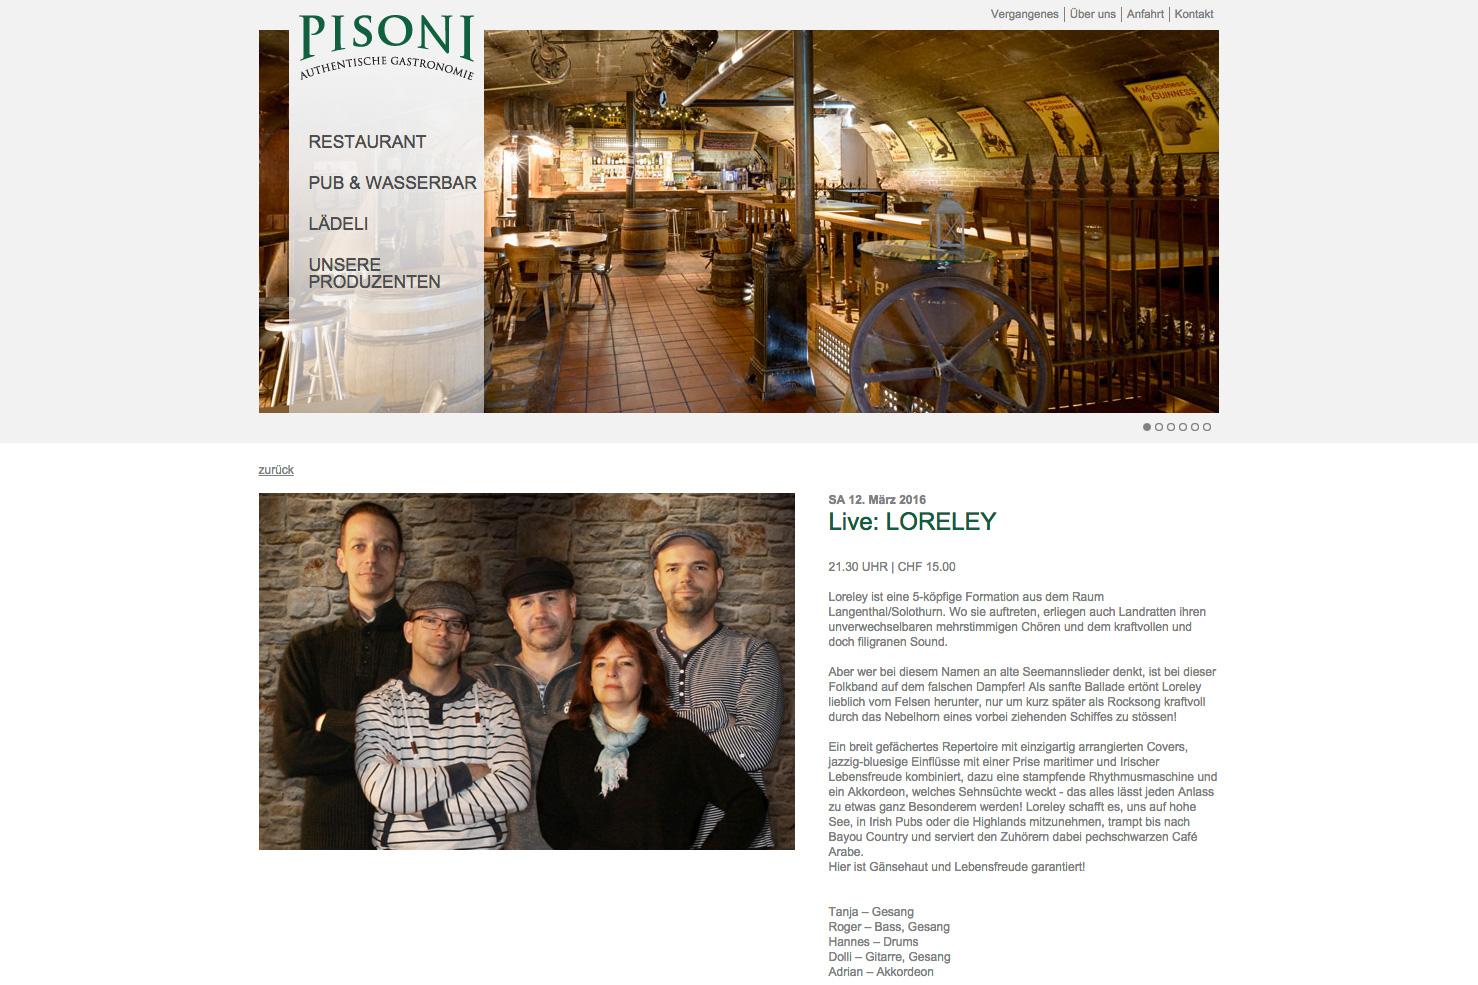 Bild 2 vom Pisoni Webseite